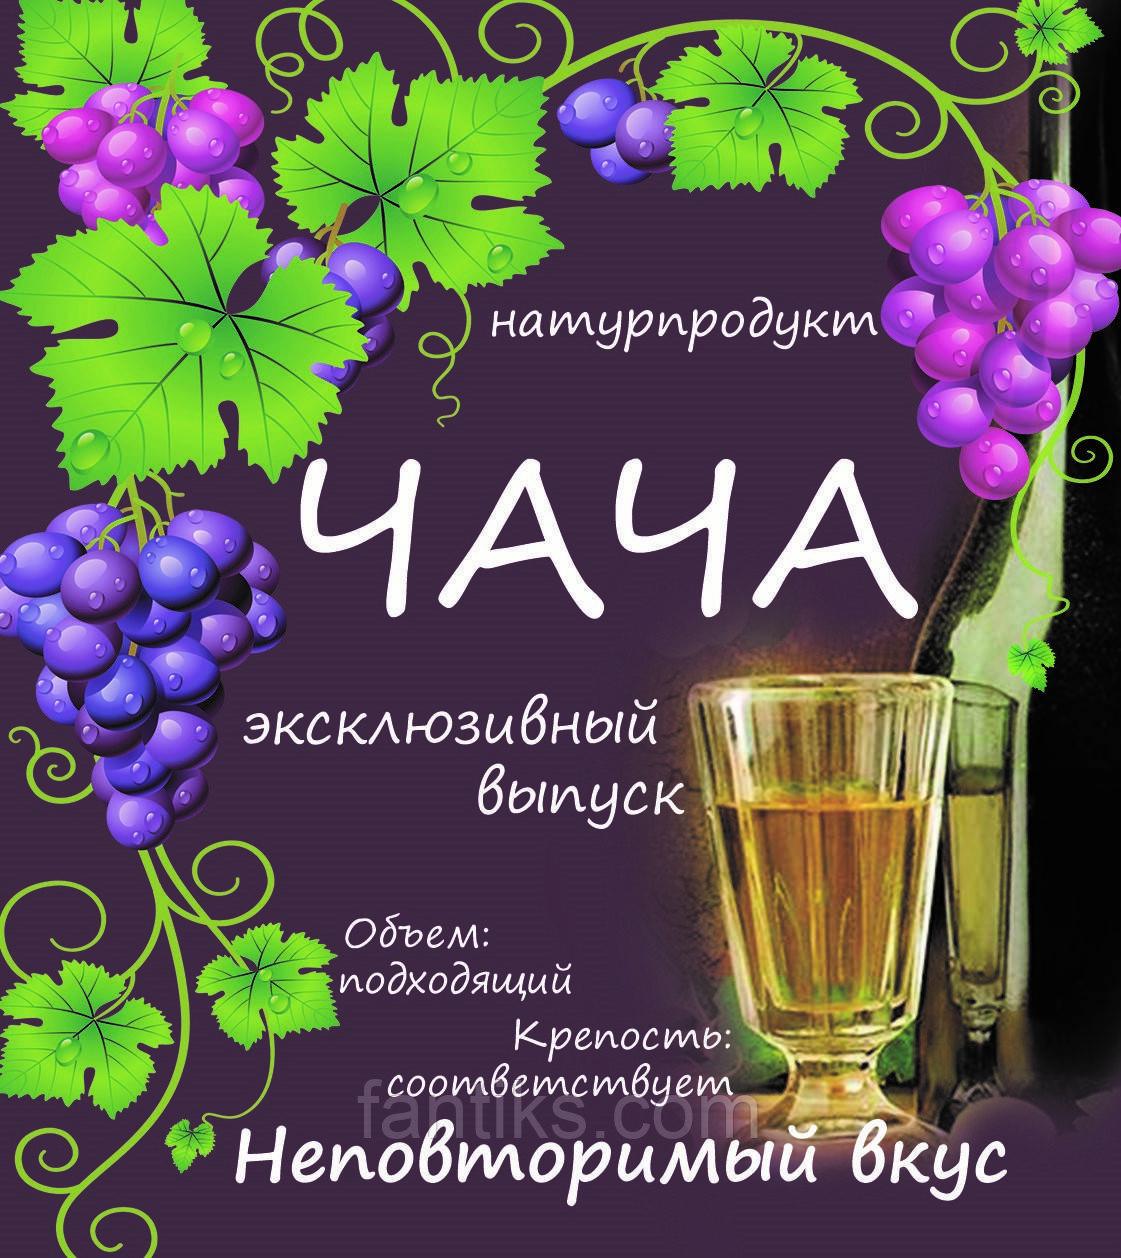 """Наклейка сувенирная на бутылку """"Чача"""""""